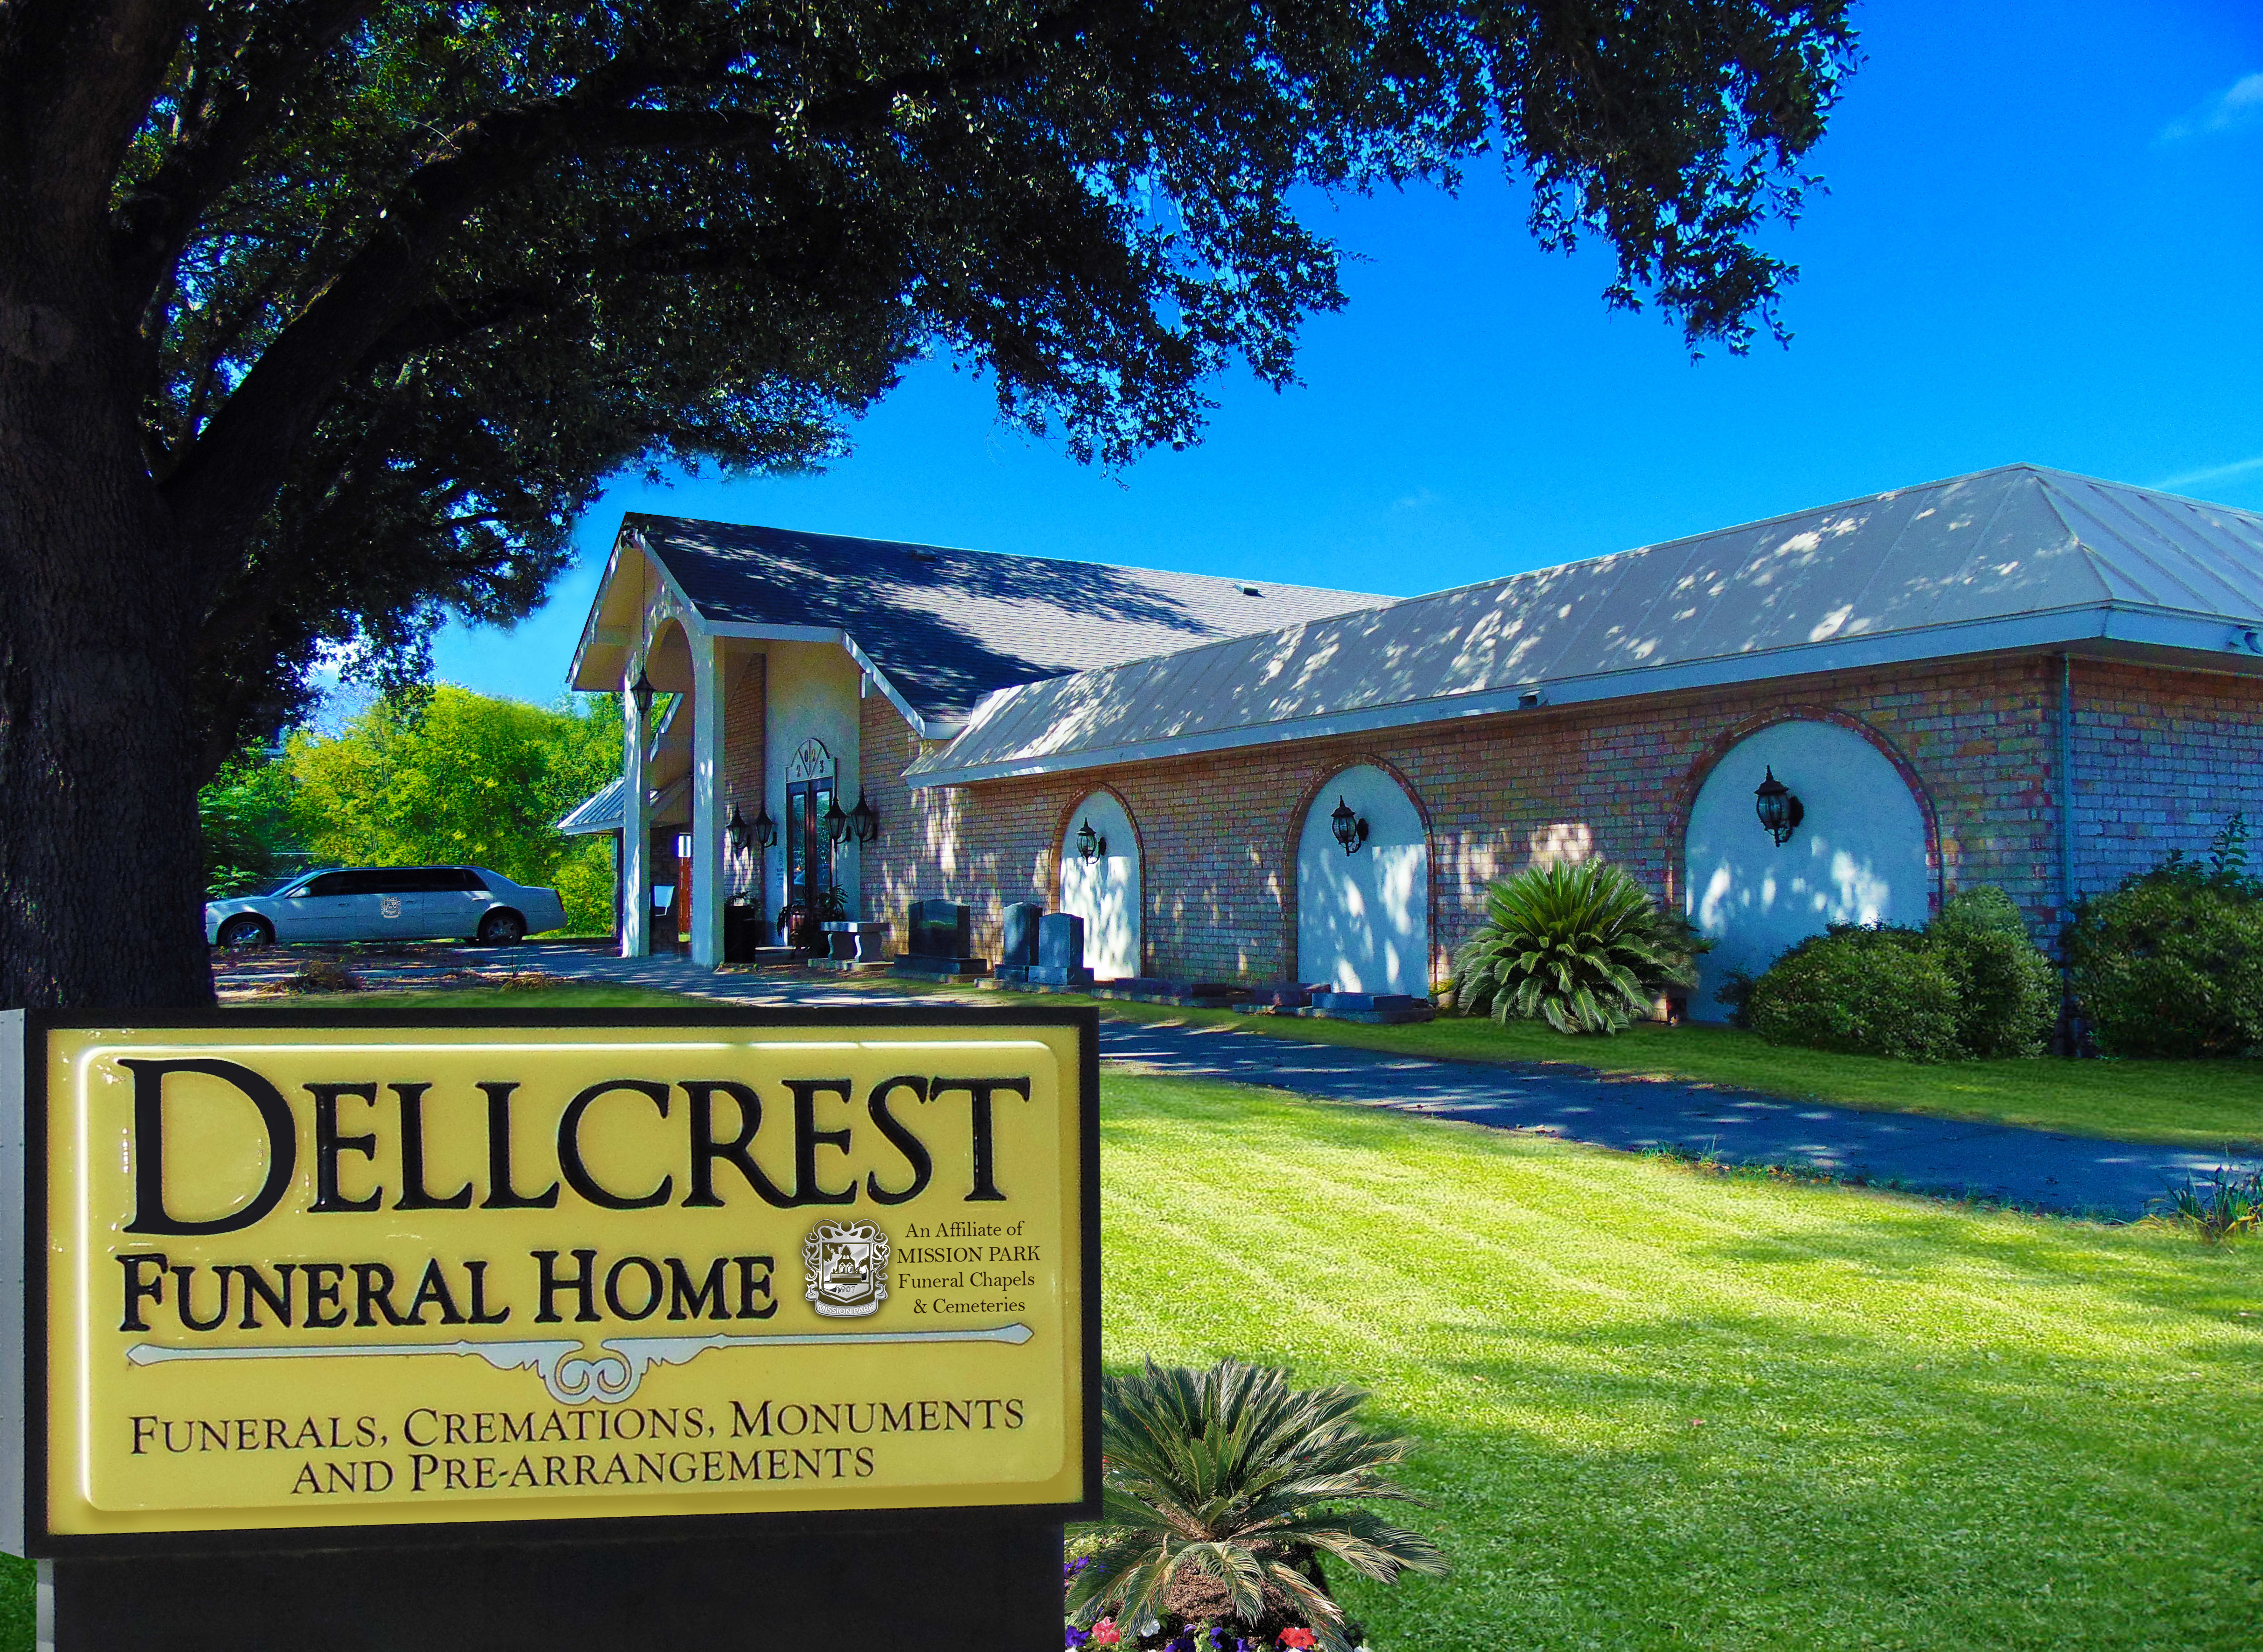 Mission Park Funeral Chapels Cemeteries San Antonio Tx - Garden-oak-funeral-home